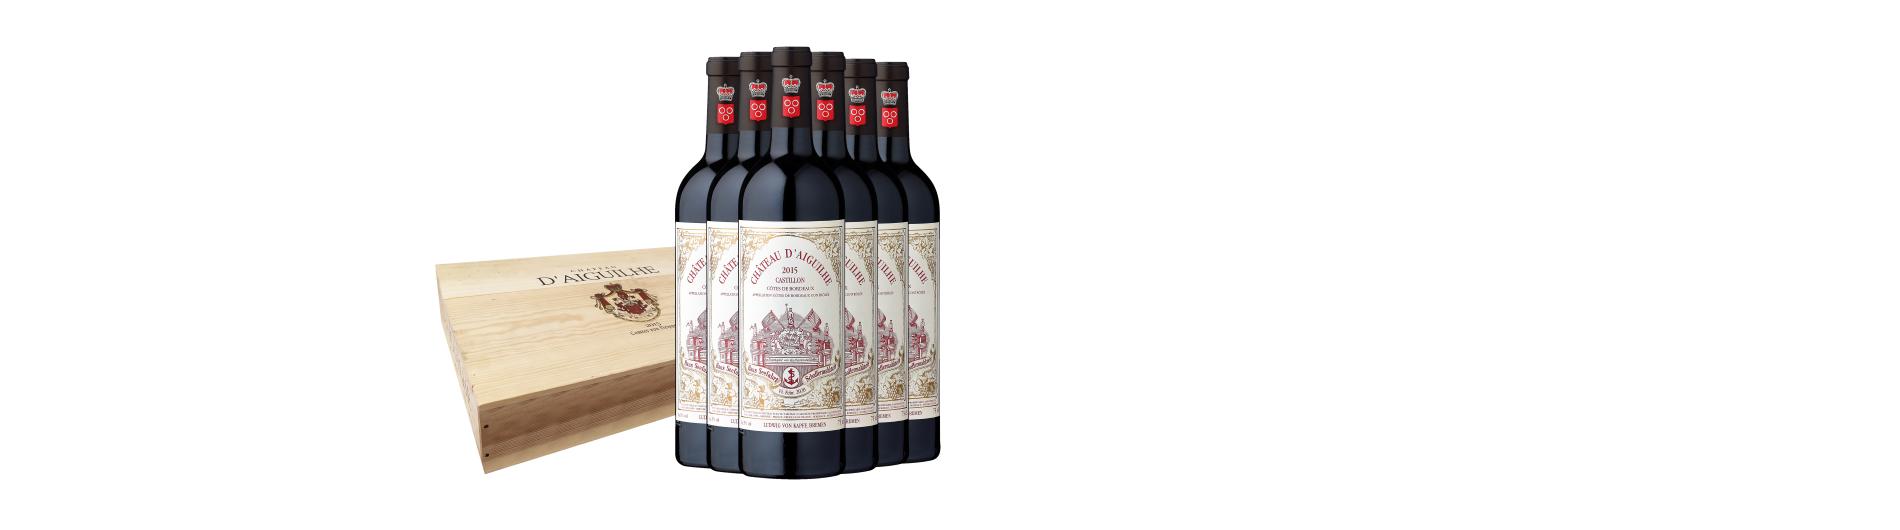 Der Schaffer Rotwein 2020